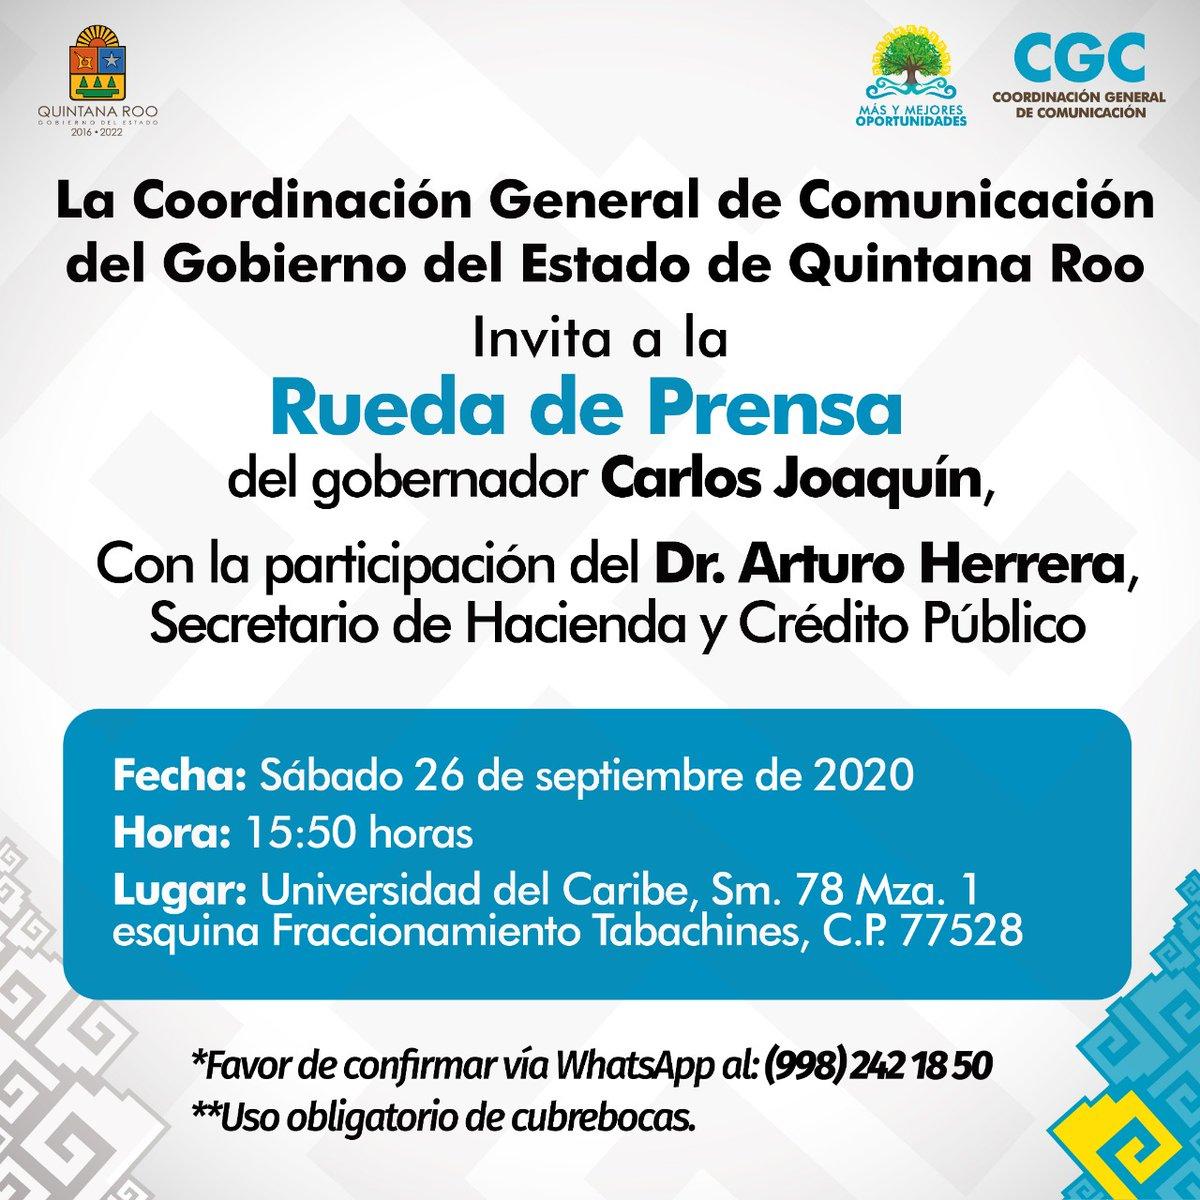 #LaVocería🗣️| Acompáñanos mañana sábado 26 de septiembre, a las 15:50 p.m, a la conferencia de prensa del gobernador @CarlosJoaquin, con la participación del Dr. @ArturoHerrera_G, titular de la  @Hacienda_Mexico  📱Sigue la transmisión en vivo en nuestro Facebook :@ComunicacionQR https://t.co/fxJkll4Vsd